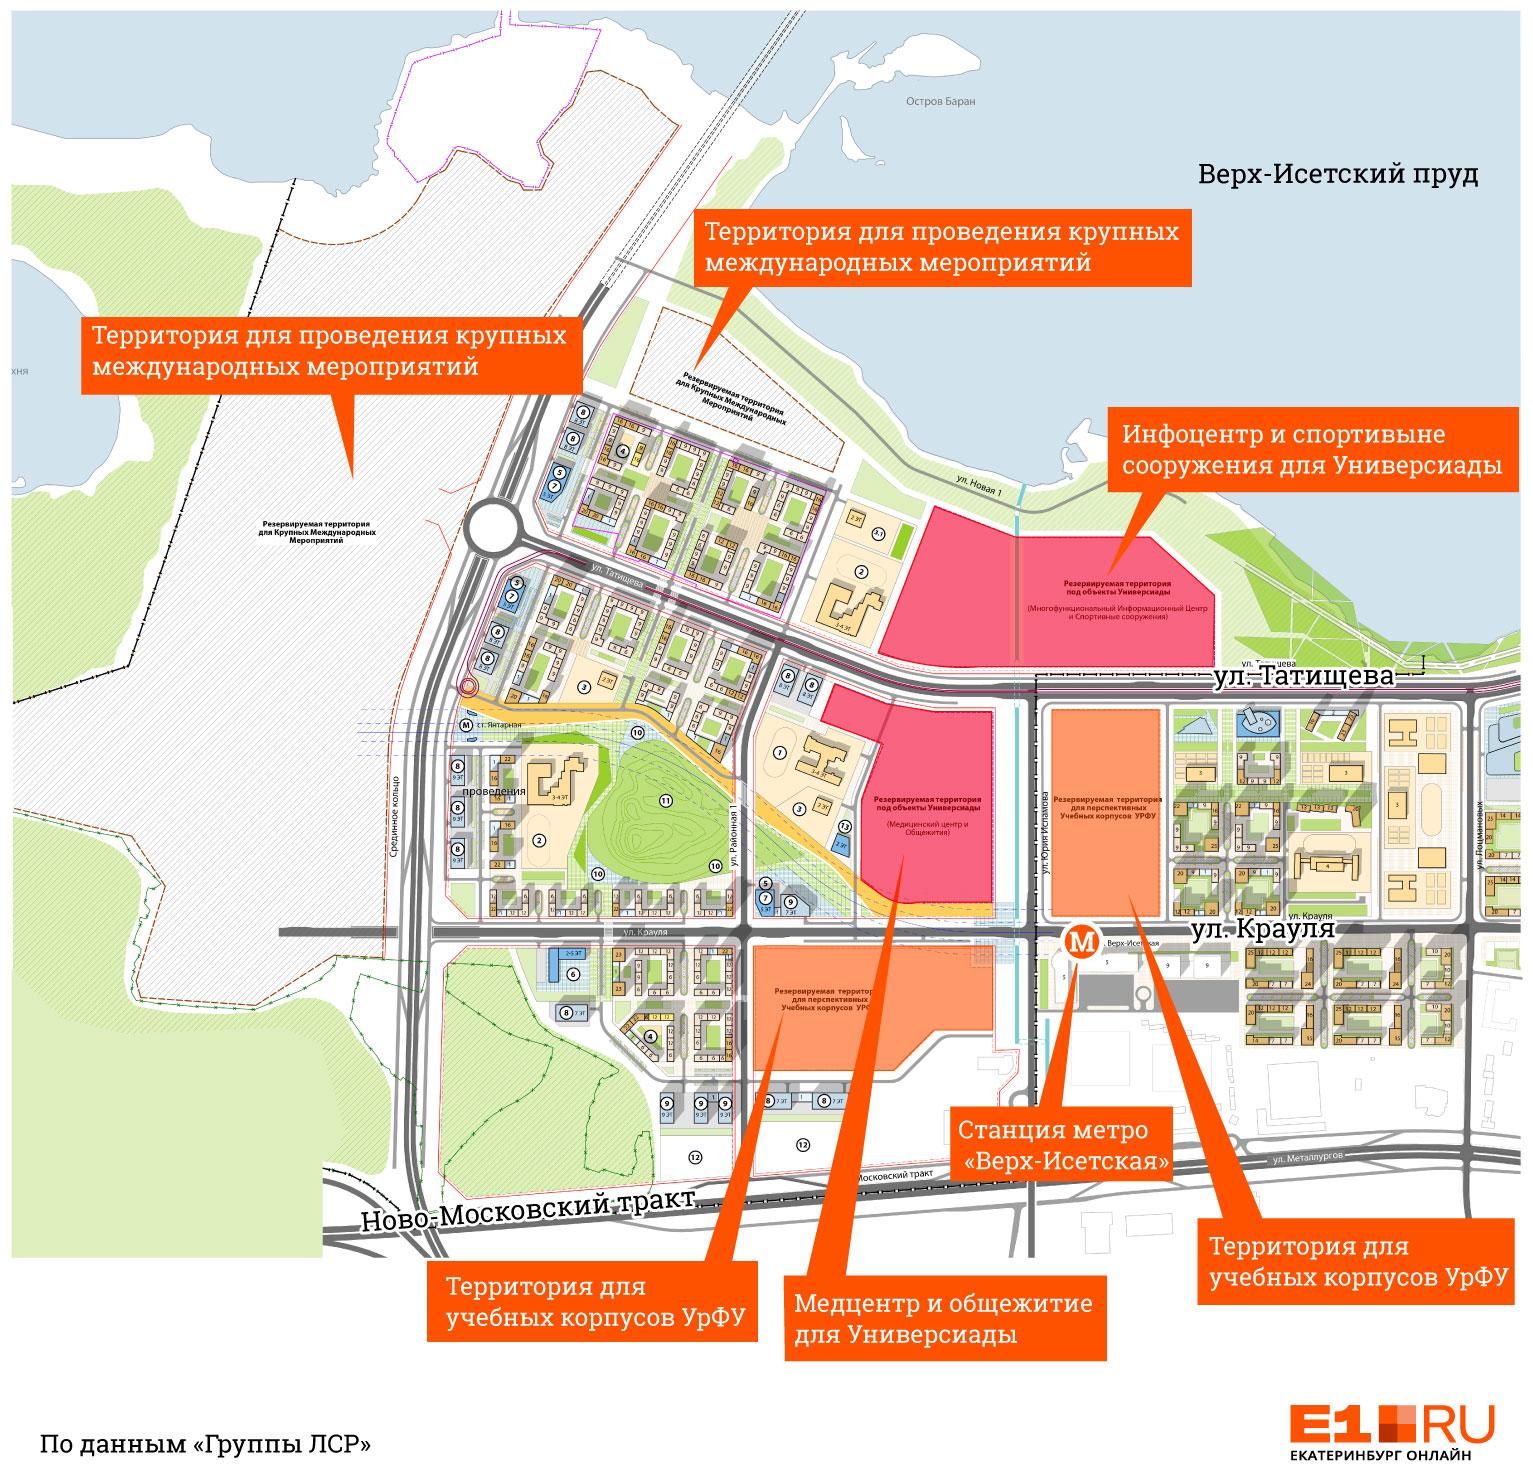 Критикуйте: мэрия вынесла на суд екатеринбуржцев проект нового квартала на ВИЗе с метро и набережной